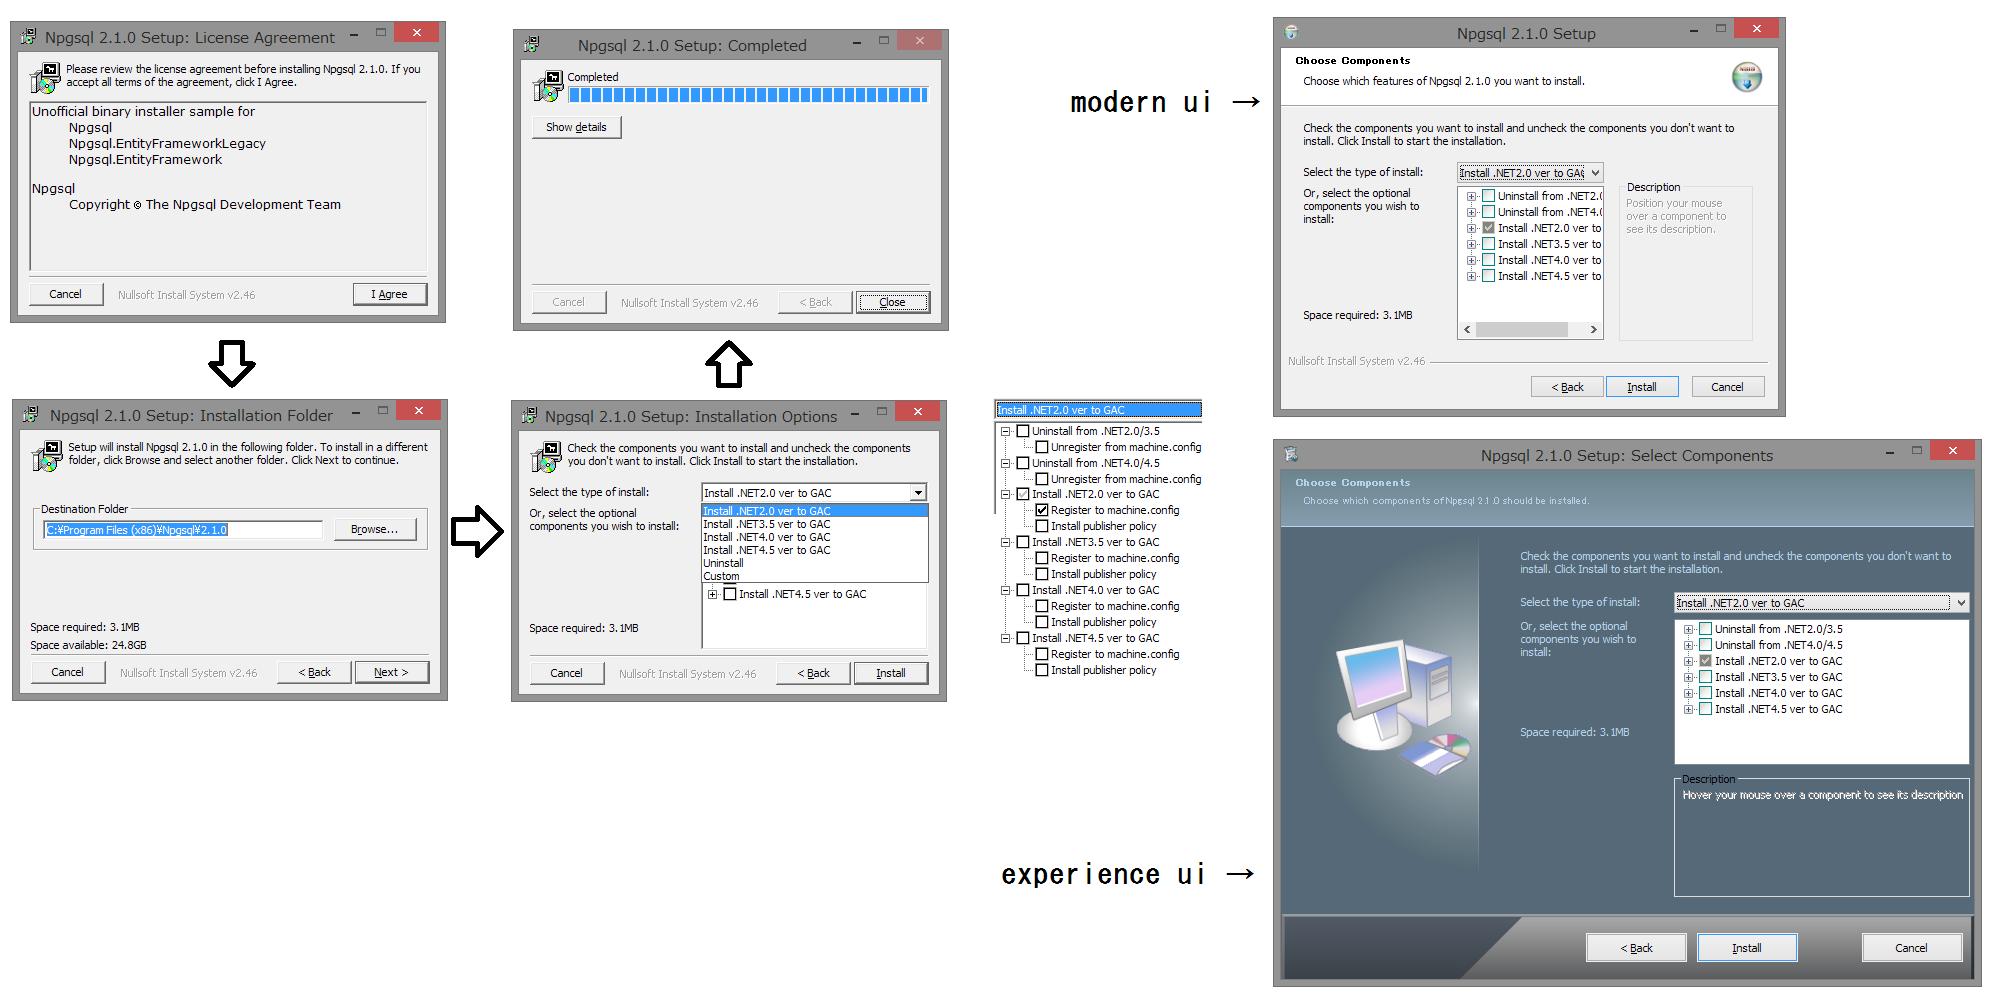 Installer for Npgsql (into the GAC) · Issue #128 · npgsql/npgsql